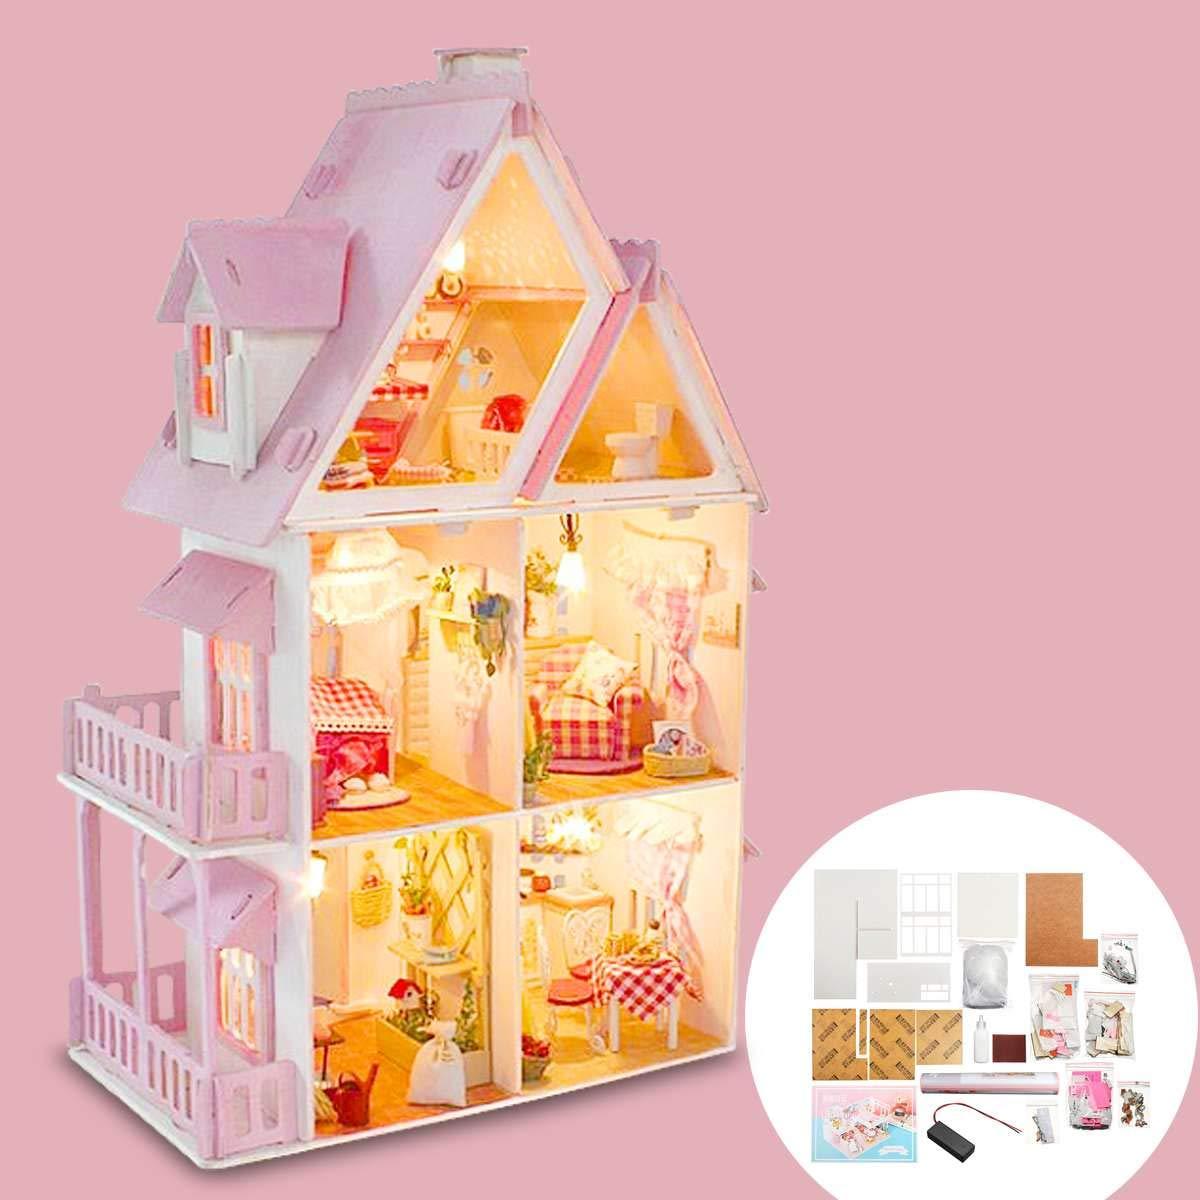 Amazon.es: DIY Casa De Muñecas De Madera Miniatura Caja Hecha A Mano Luz Led Muebles De Casa De Muñecas En Miniatura Accesorios De Casa De Muñecas para Niños Regalo: Juguetes y juegos